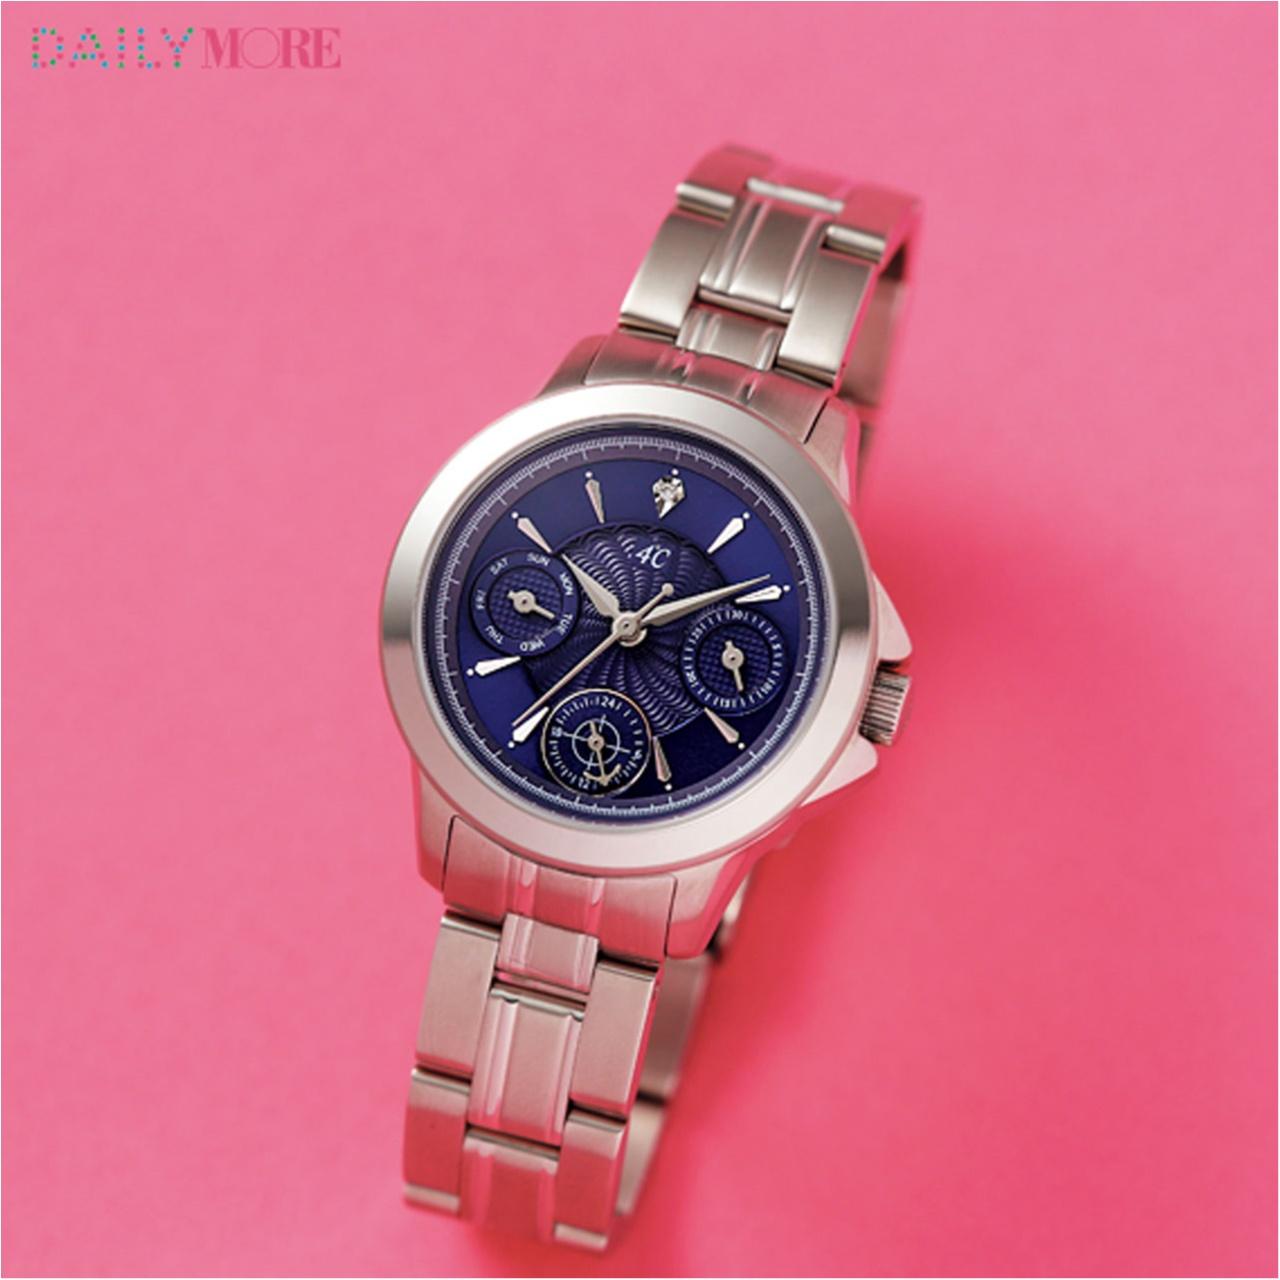 問題! 次に買うべき腕時計は「シルバーカラーウォッチ」が大正解なのはなぜ!?_3